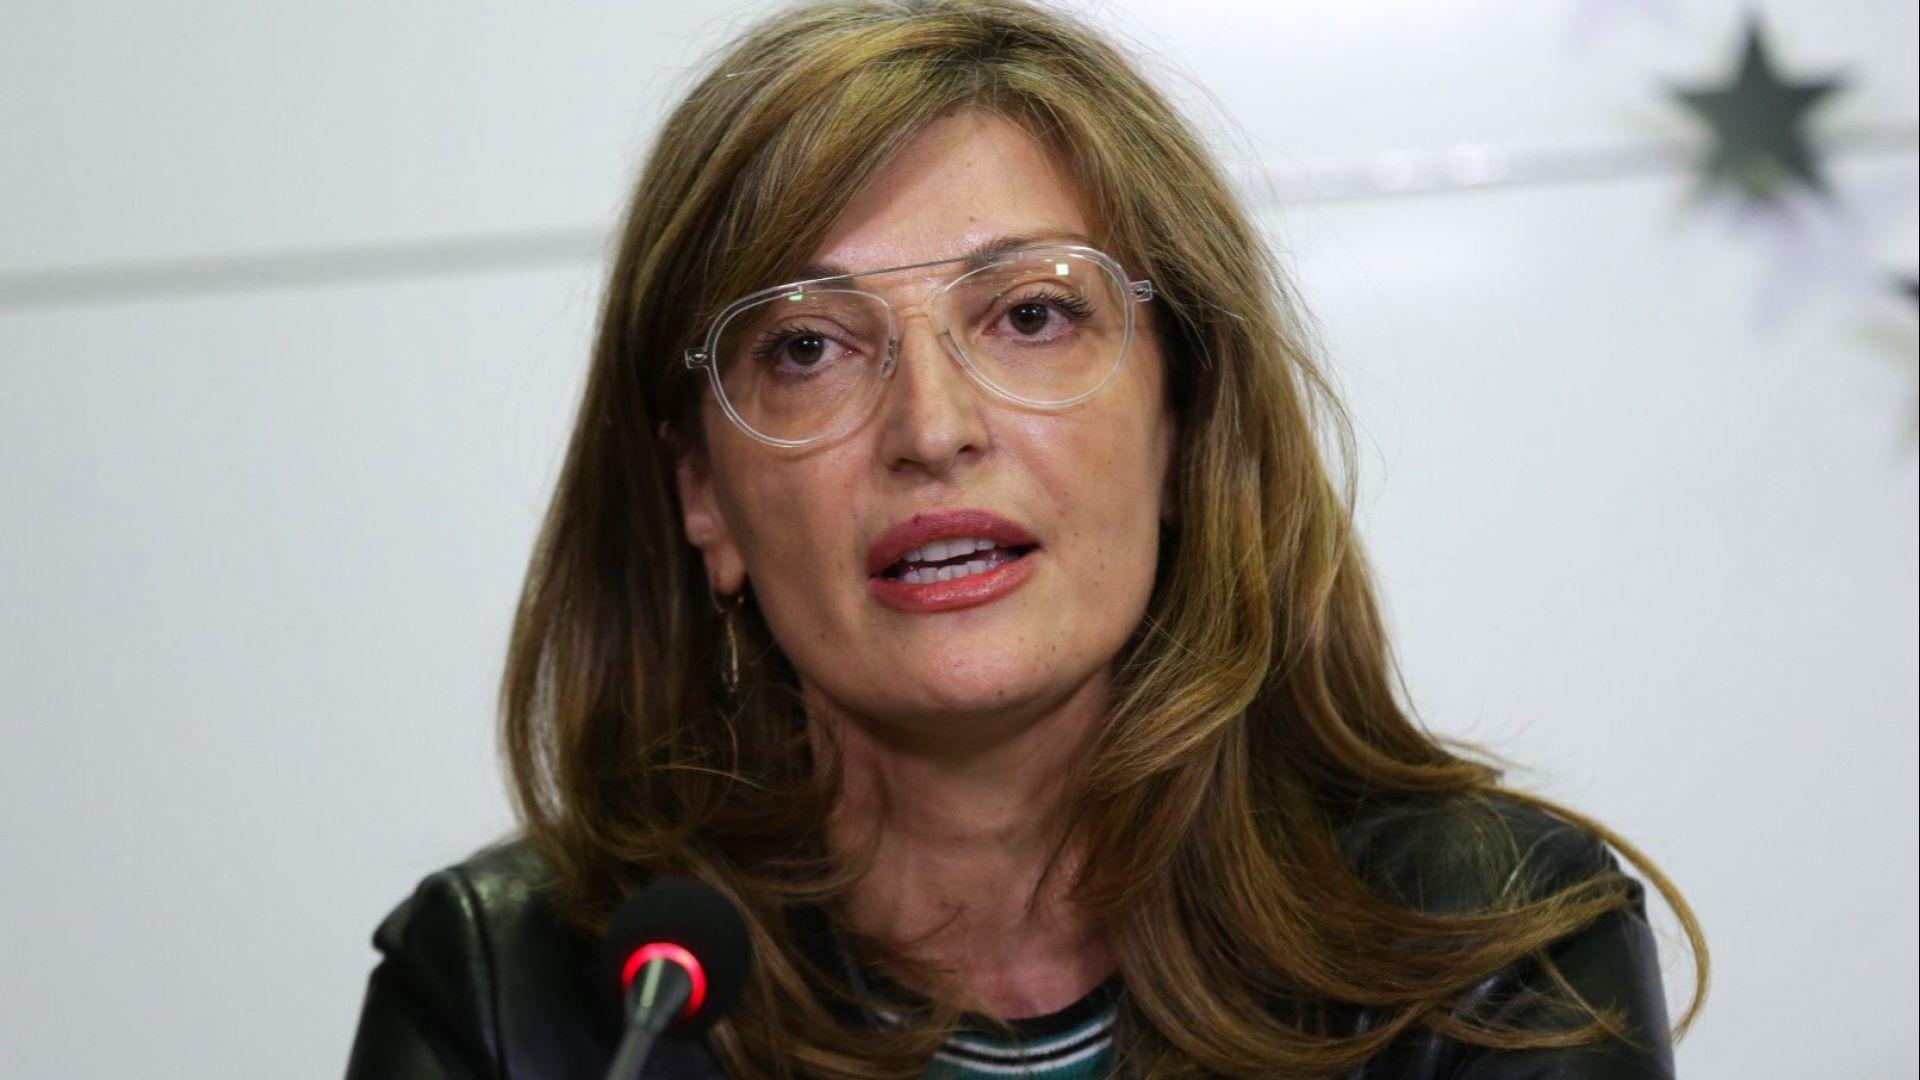 България обяви още един руски дипломат за персона нон грата